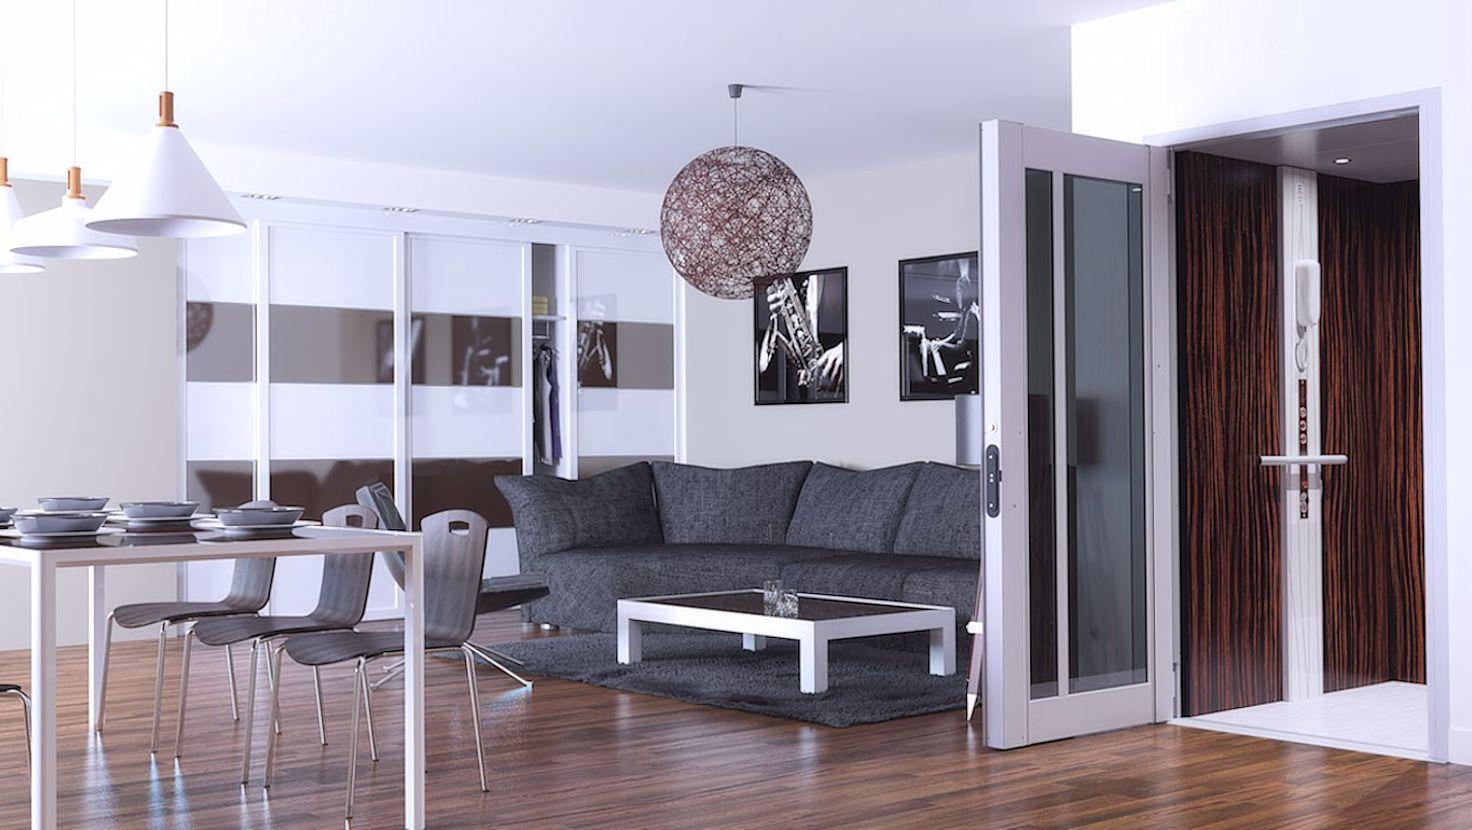 lift-in-huis-domilift-hl-8500-premium-1475x830